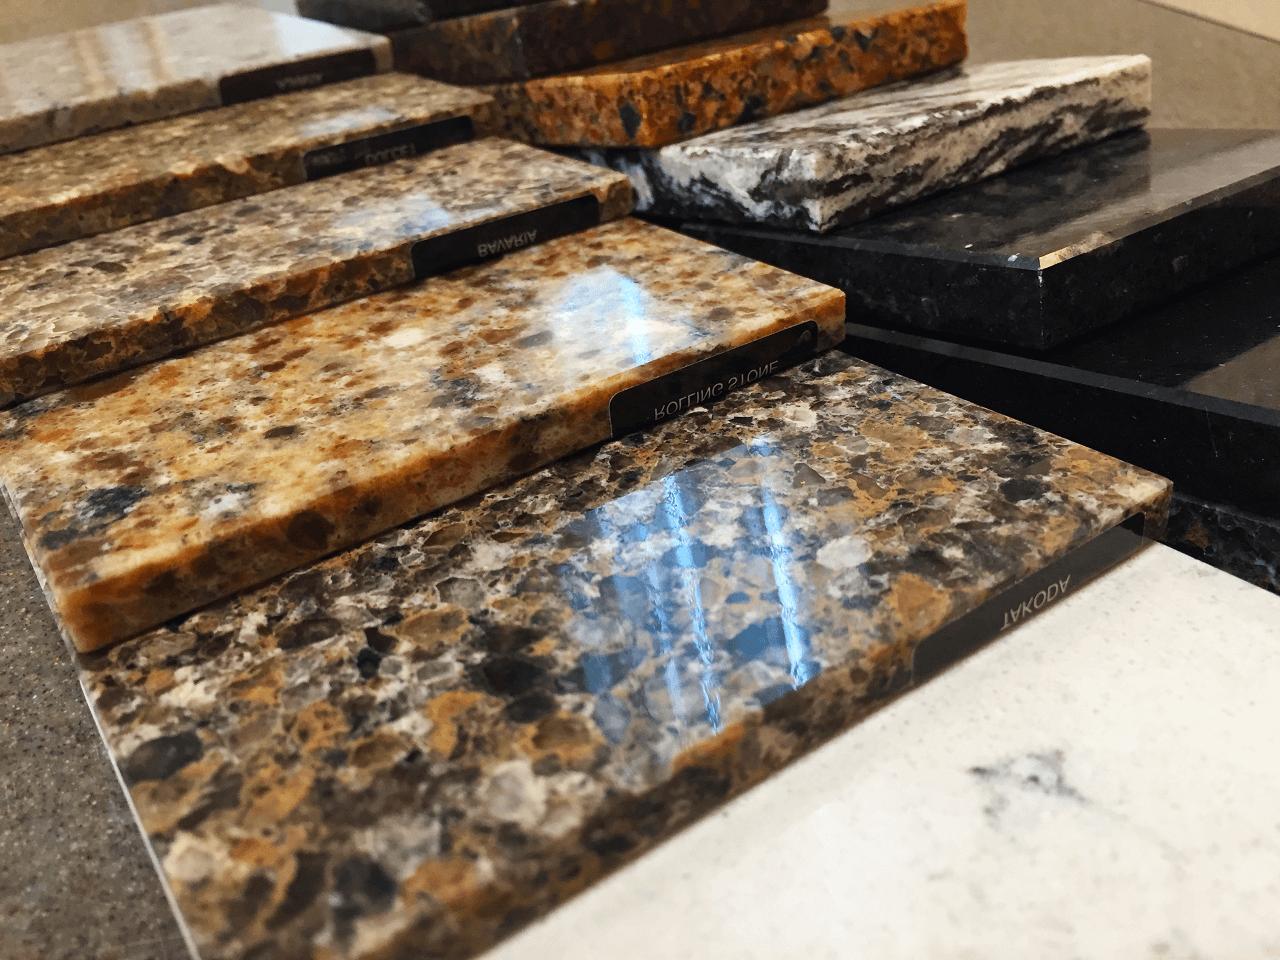 Vietnam Menşeli Granit İthalatında Bir Firmaya Daha Muafiyet Tanındı